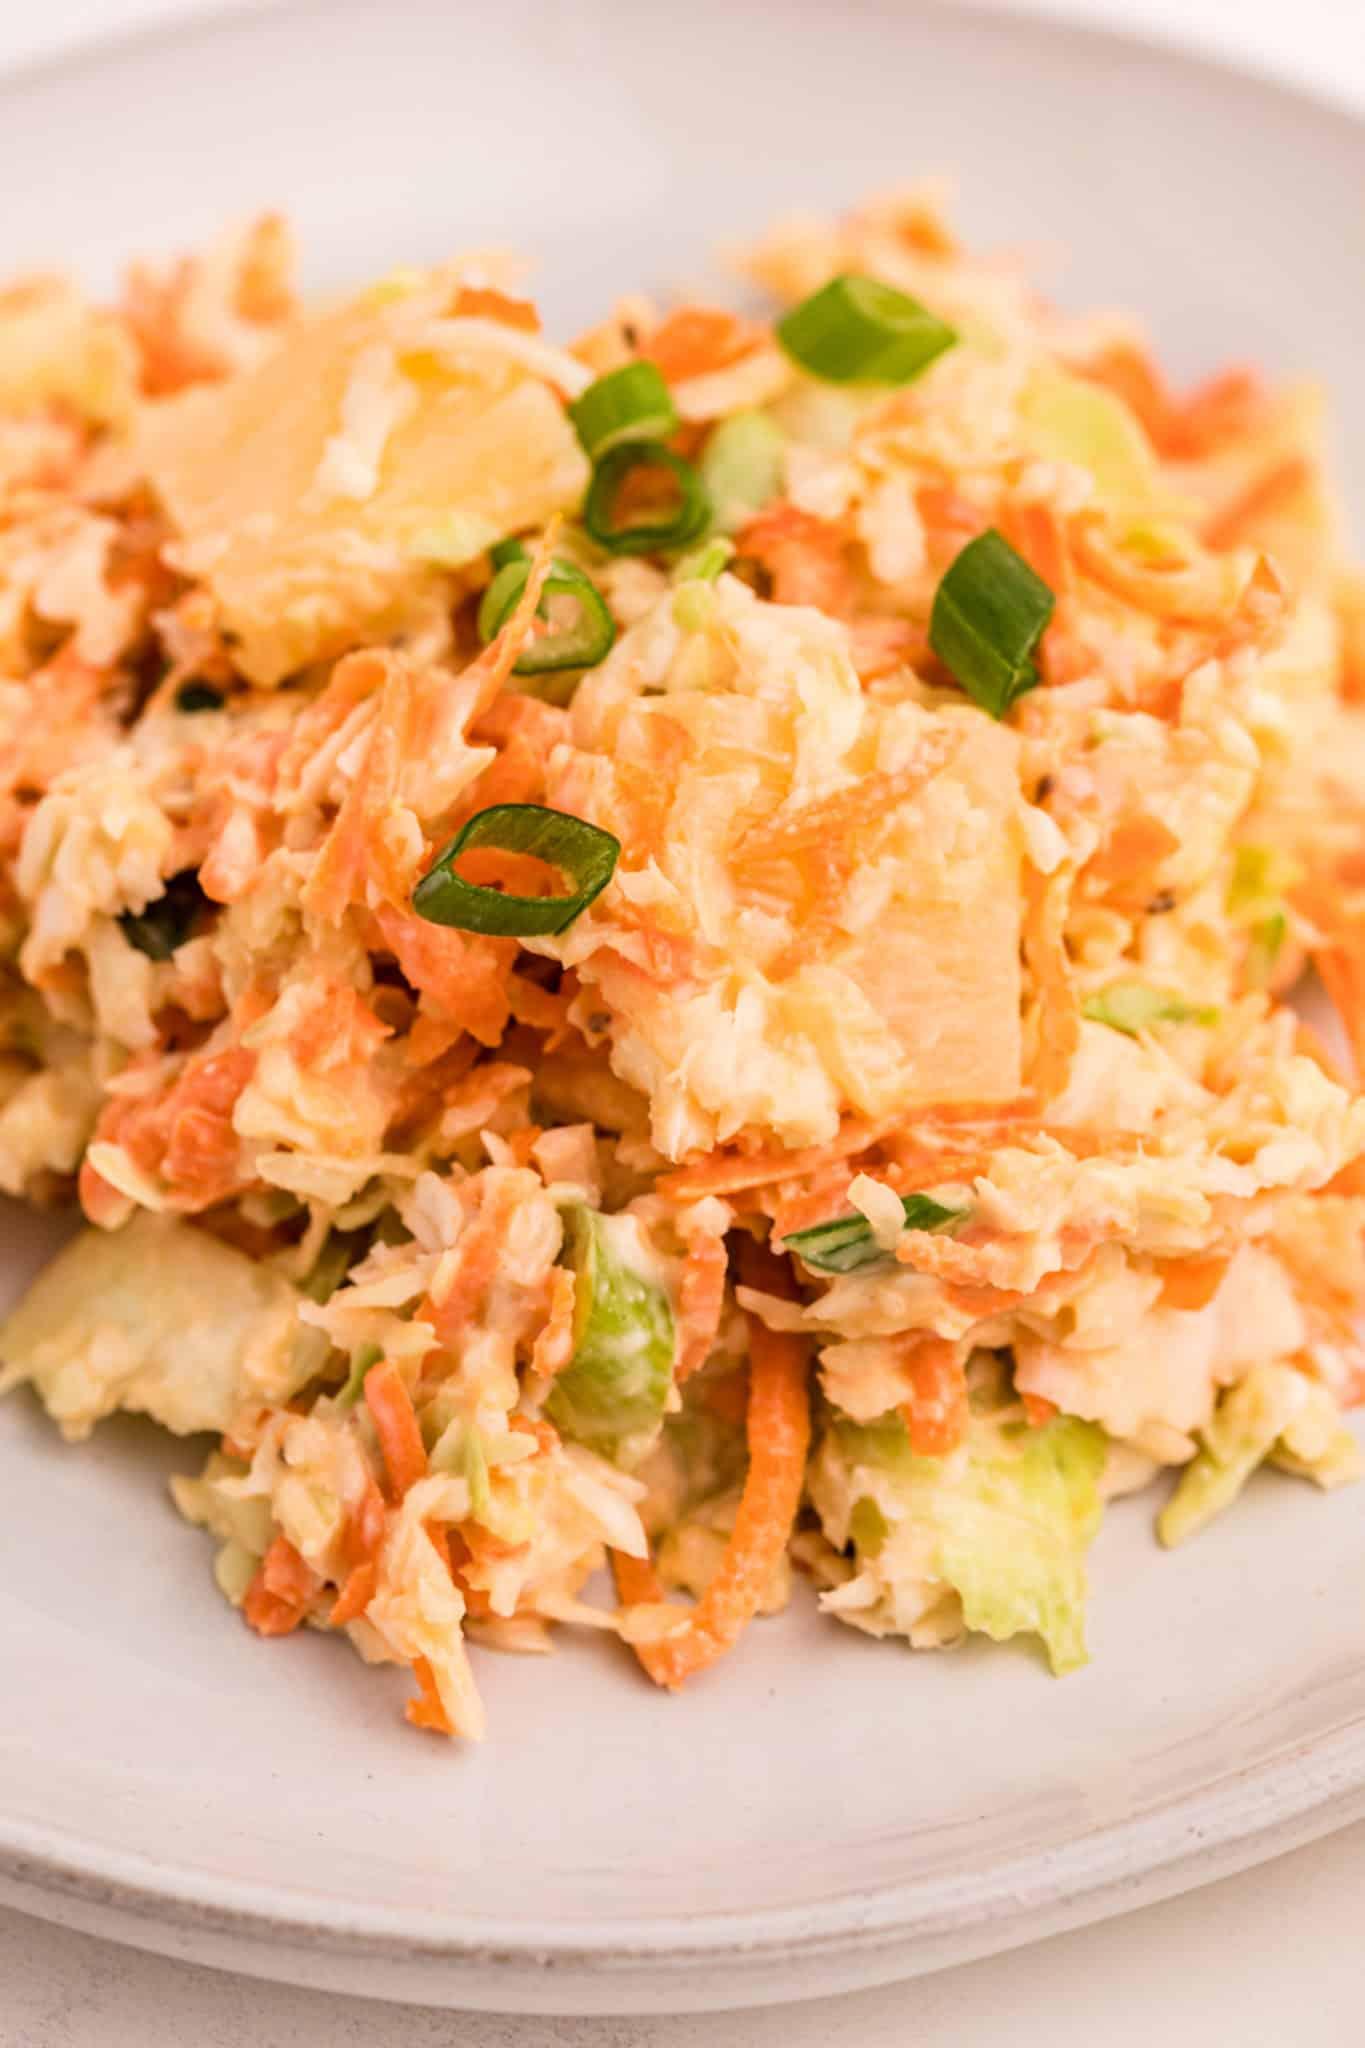 closeup of coleslaw